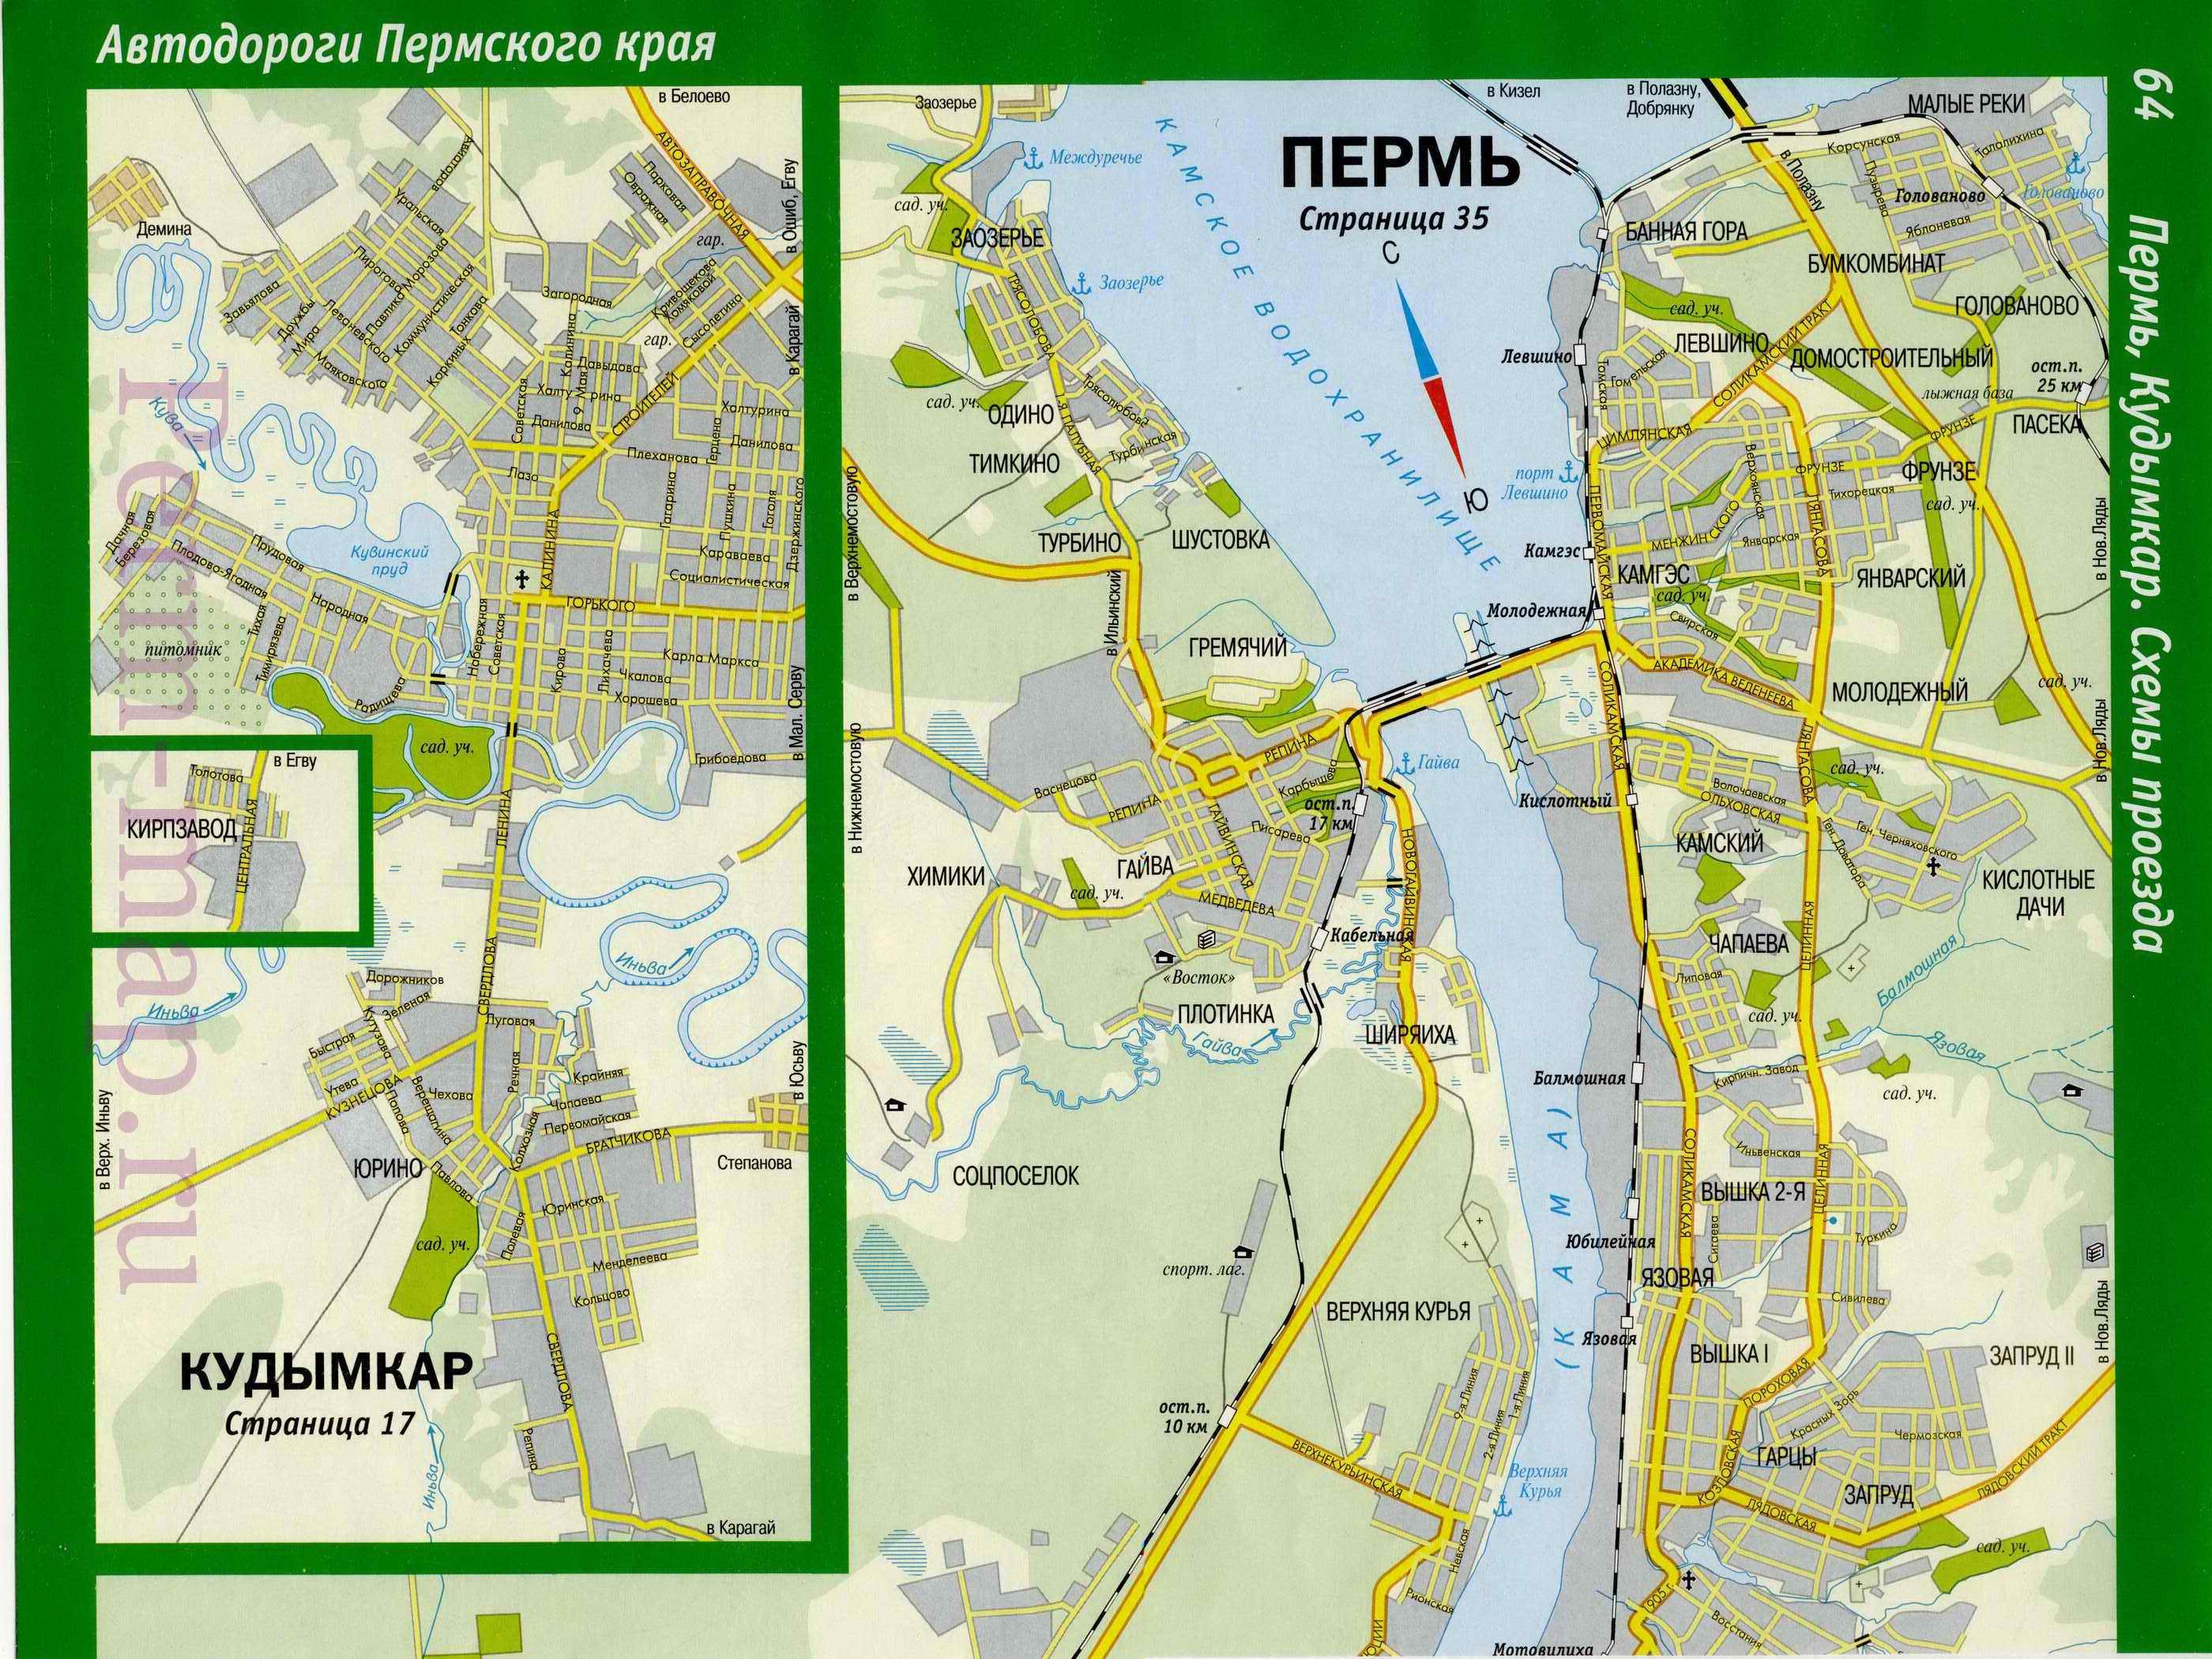 карта перми скачать бесплатно на компьютер